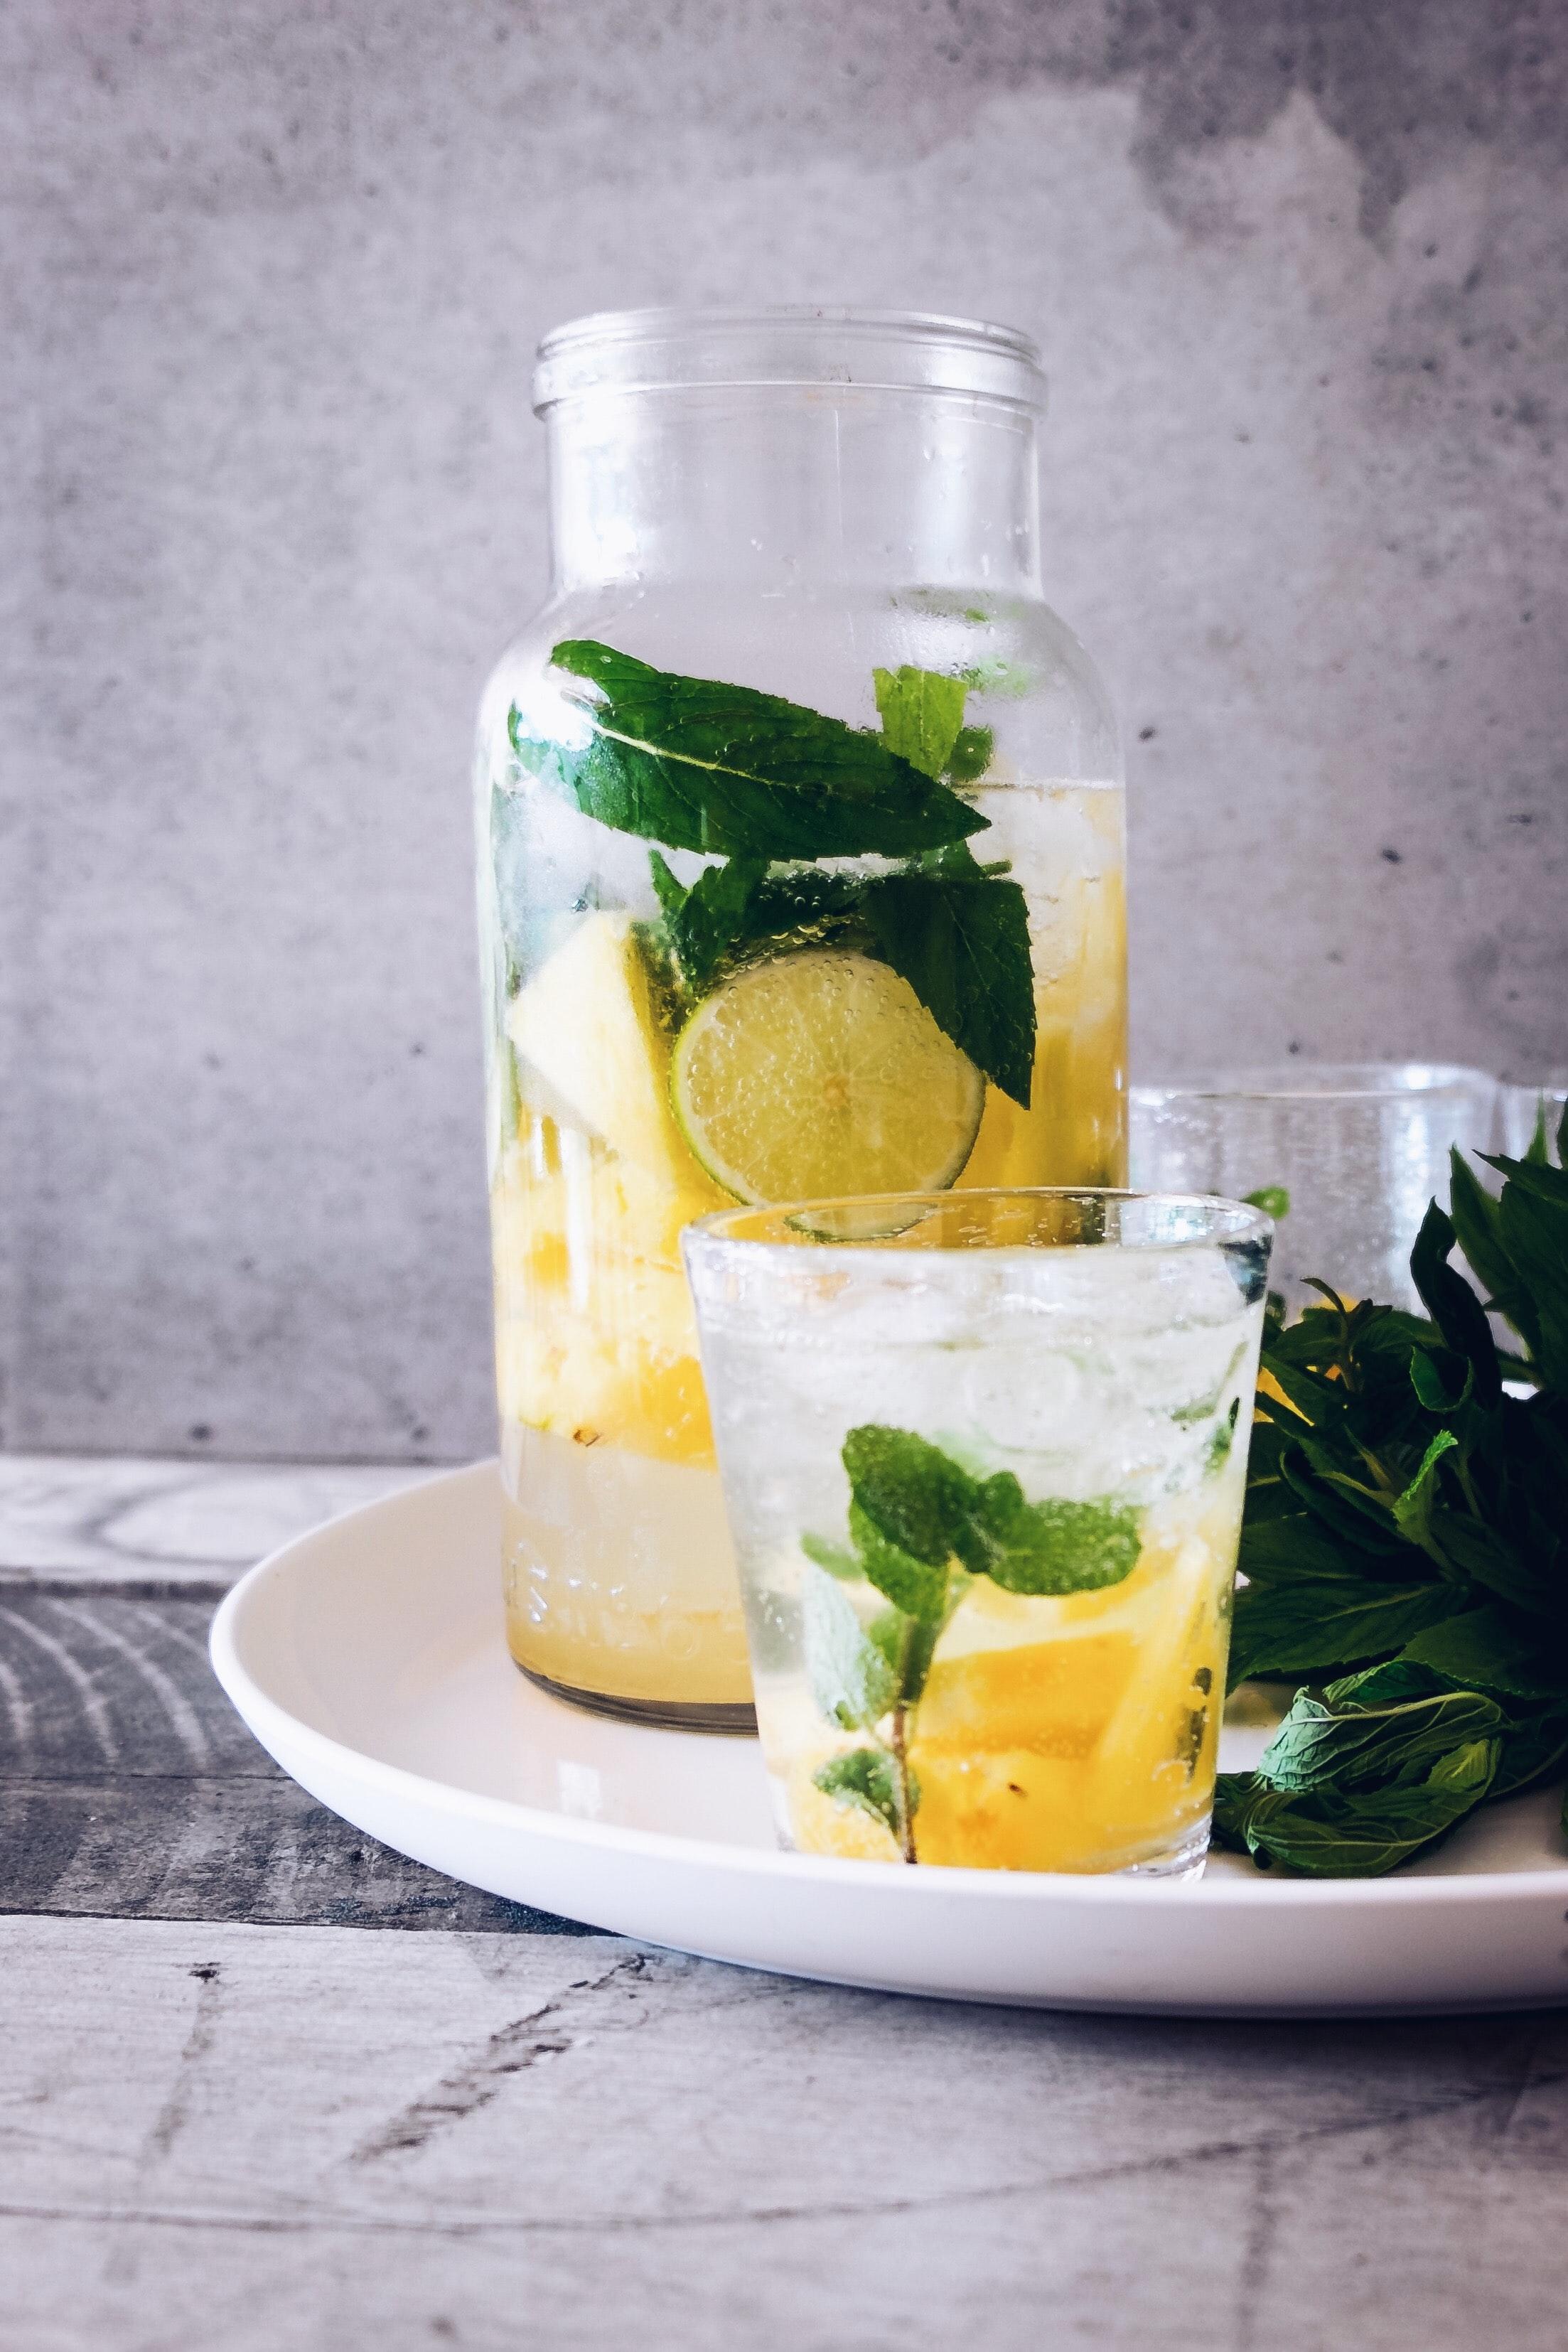 Summertime is ripe for lemons...